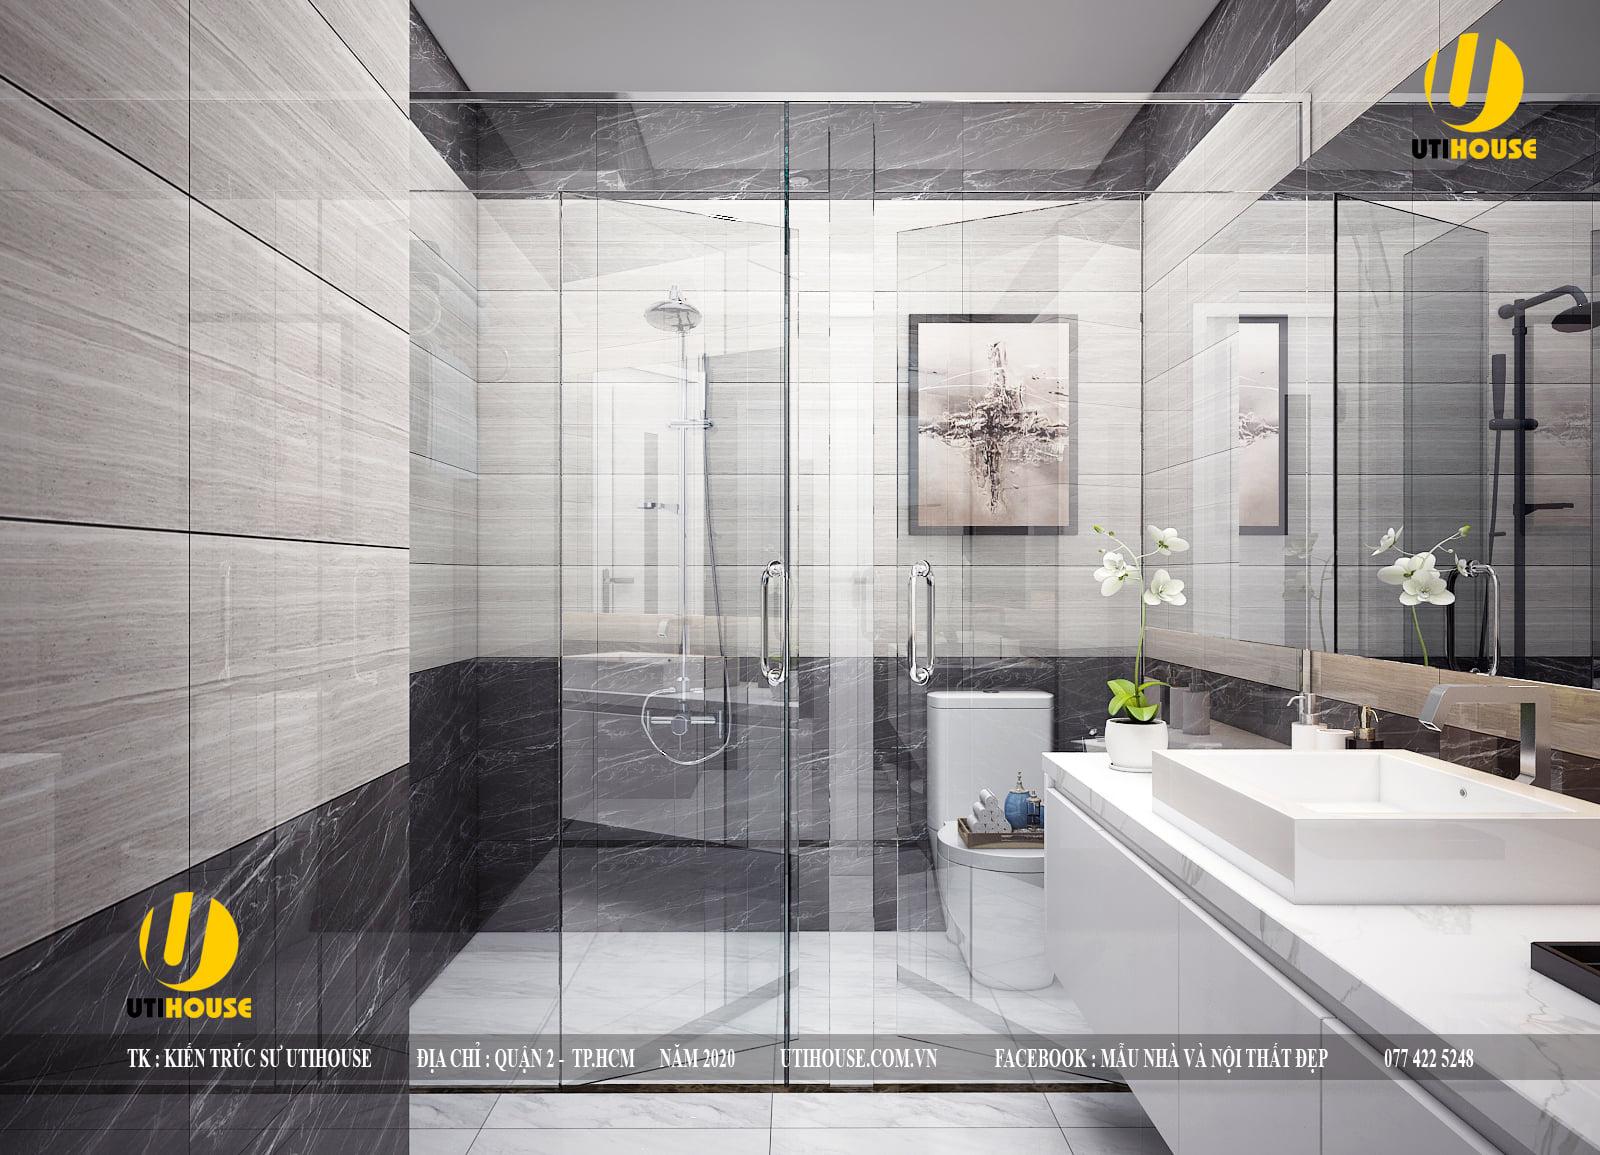 Tổng hợp mẫu thiết kế phòng tắm hiện đại, sang trọng